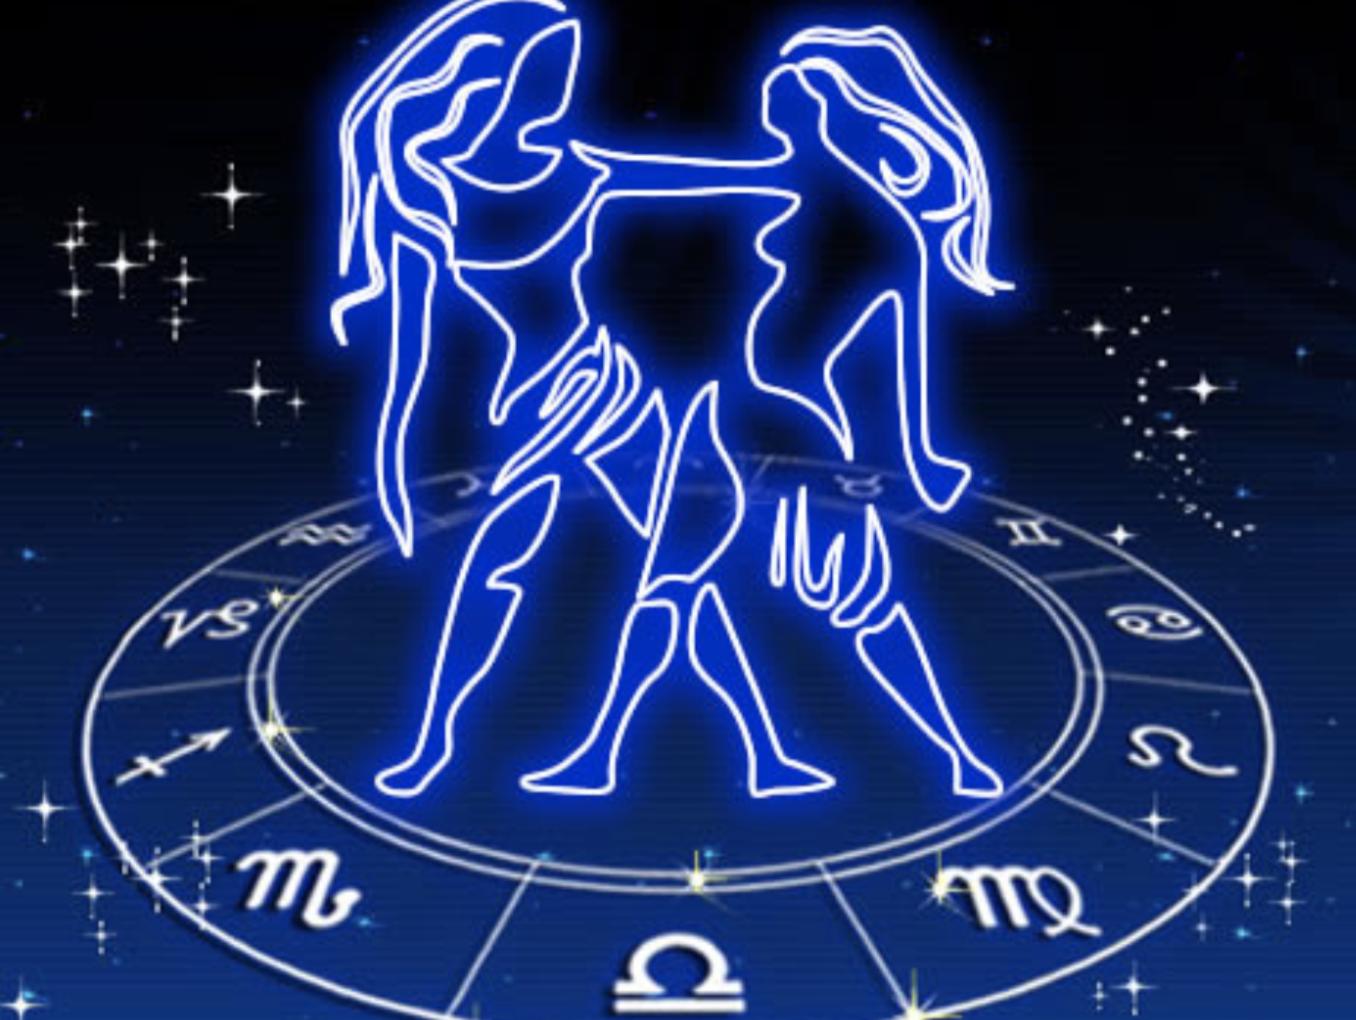 Чего хотят от отношений представители разных знаков зодиака? Мнение астрологов